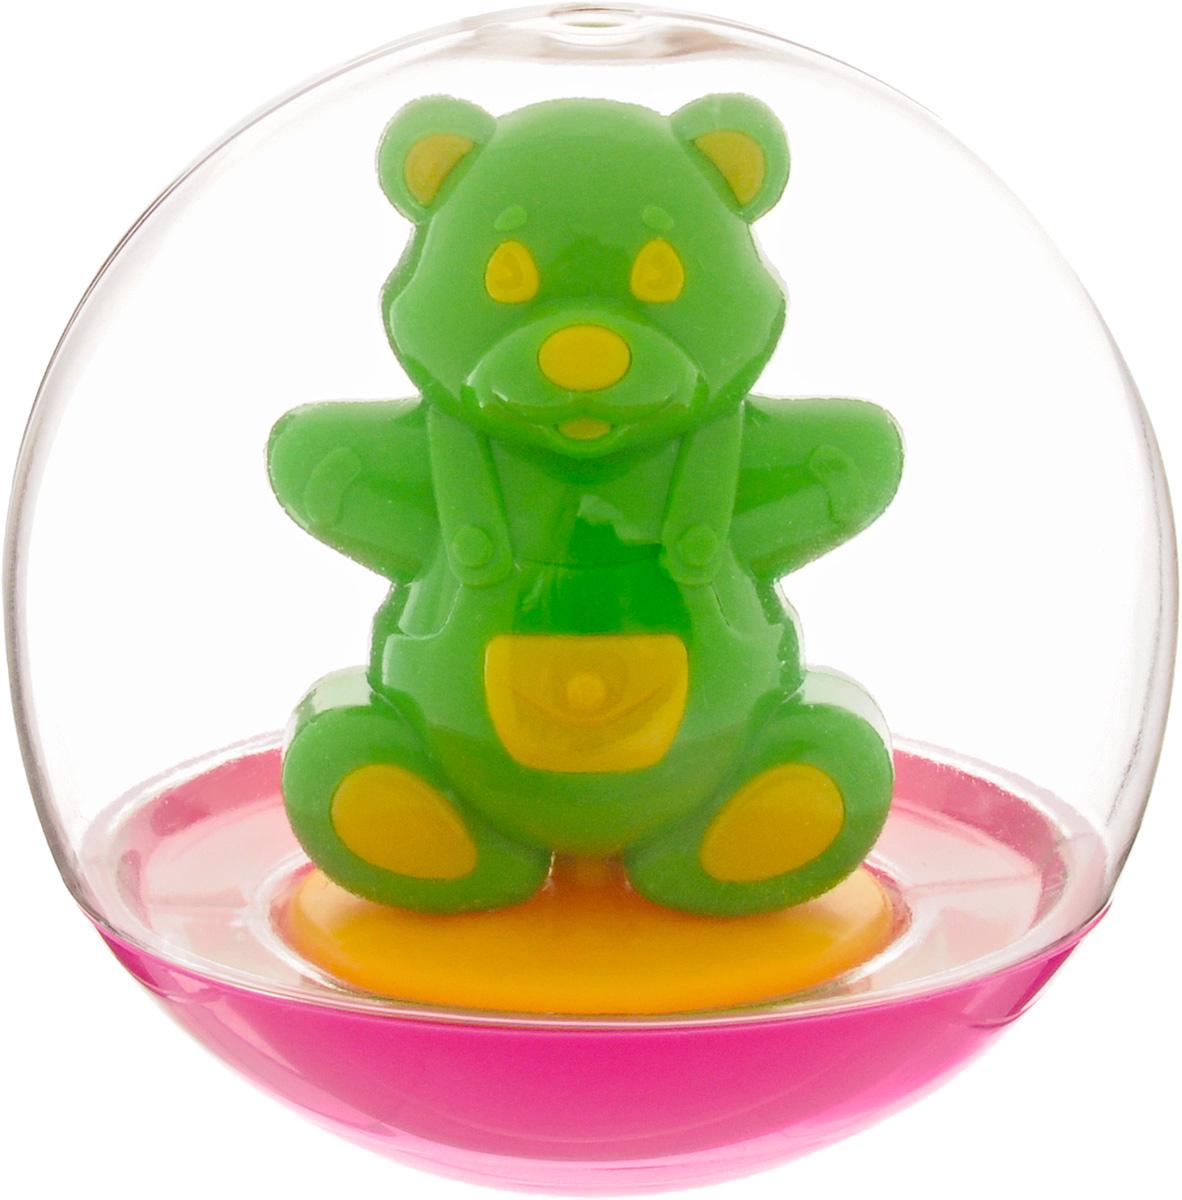 Stellar Погремушка-неваляшка Мишка цвет салатовый1_салатовыйПогремушка-неваляшка Stellar Мишка не позволит скучать вашему малышу на улице, дома и во время водных процедур. Игрушка выполнена из пластика в виде симпатичного медвежонка в прозрачном шаре. Неваляшка забавно покачивается под приятный звук погремушки, развлекая малыша. Игра с неваляшкой способствует развитию мелкой моторики, координации, слуха и цветового восприятия.